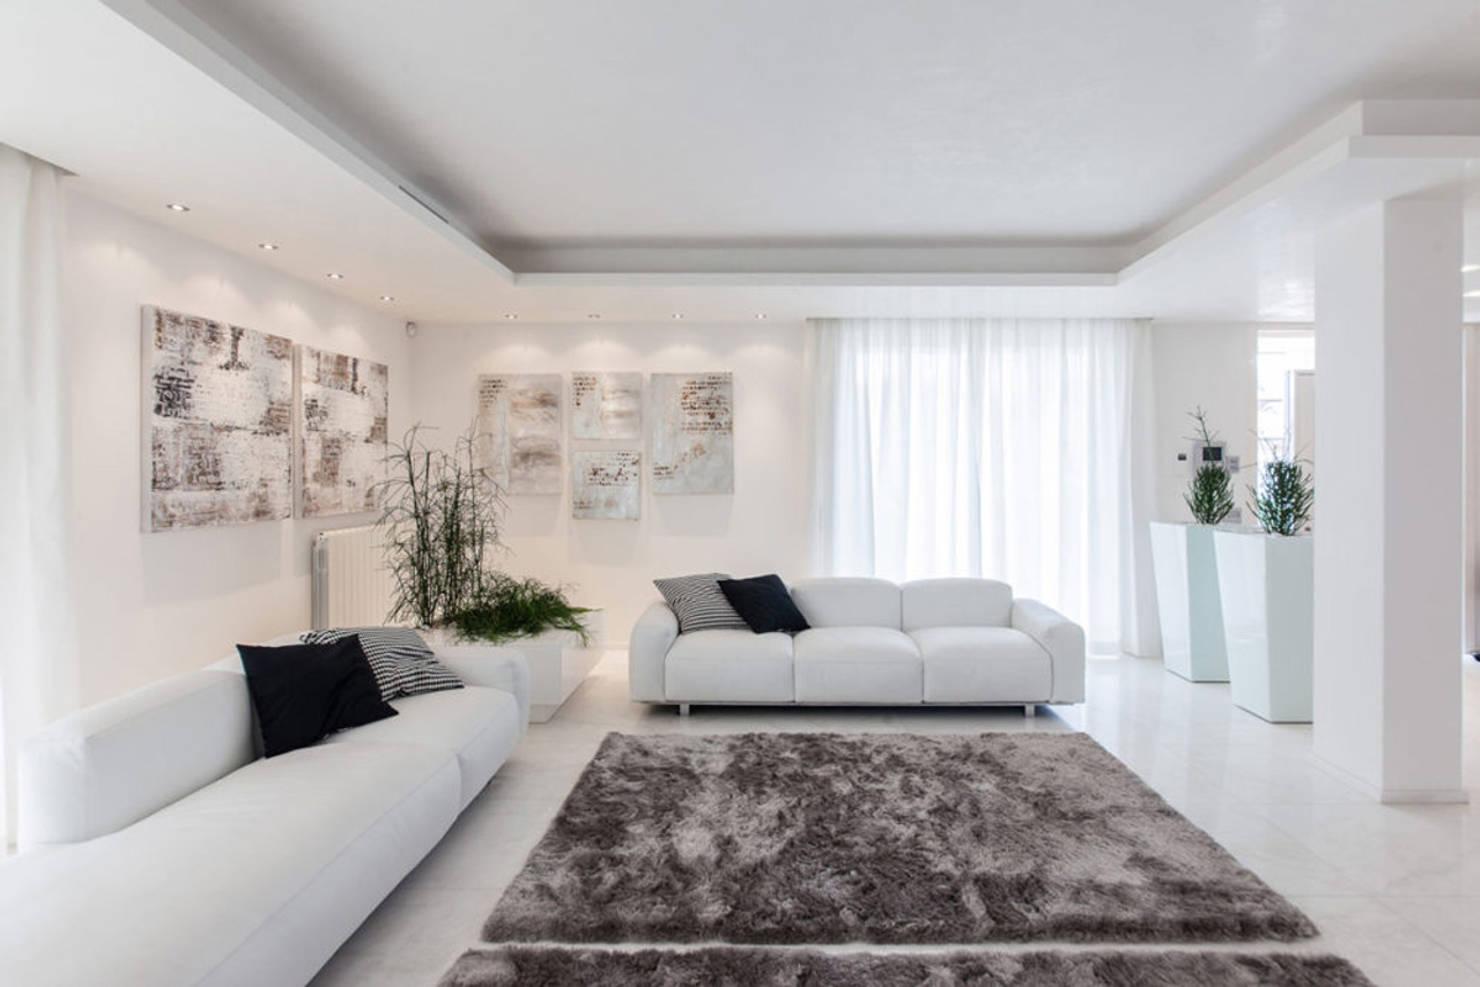 Top 5: Verblüffende Ideen, um eine weiße Wand zu dekorieren uvm.